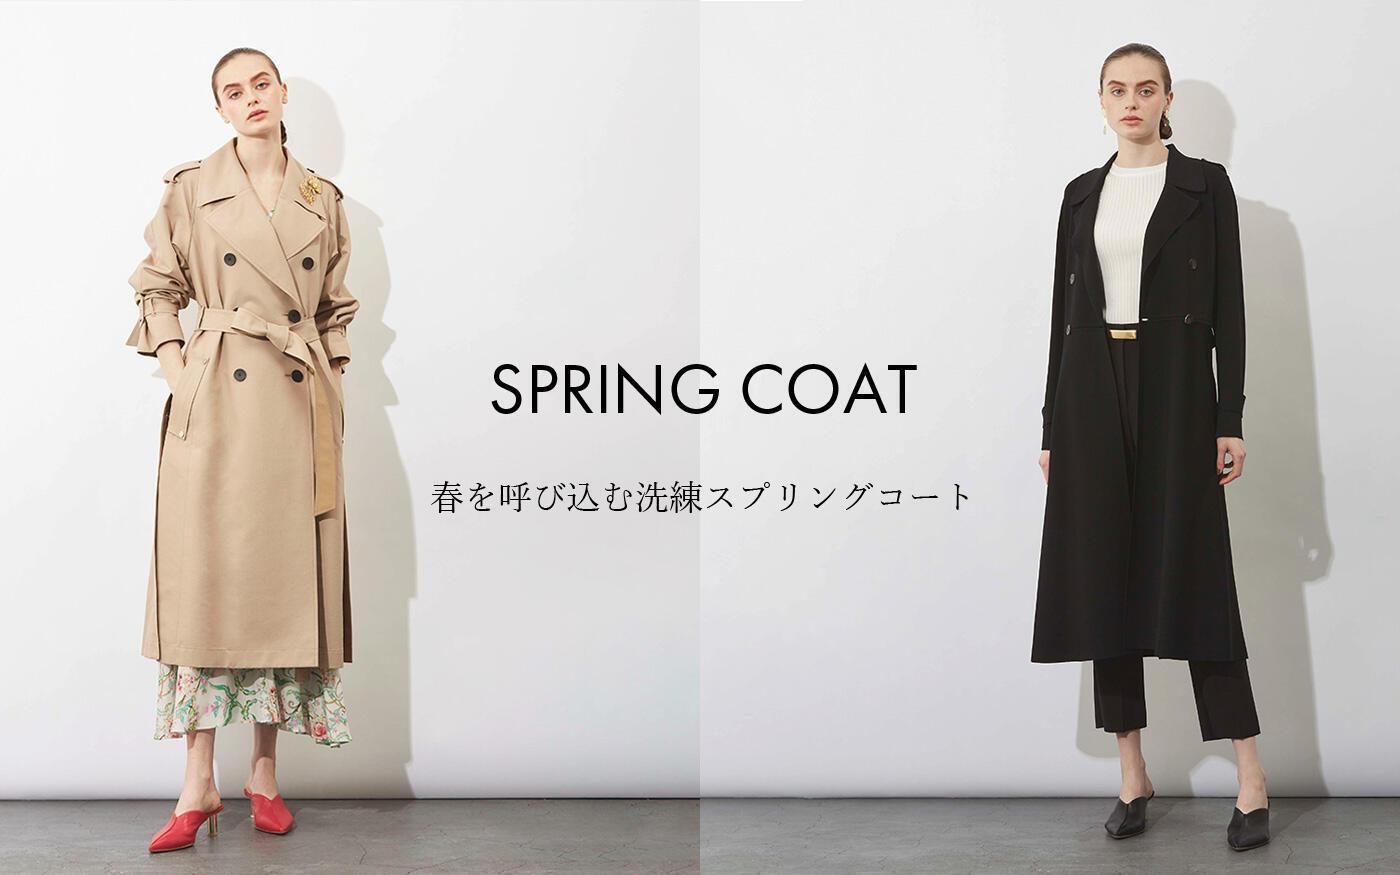 SPRING COAT | 春を呼び込む洗練スプリングコート